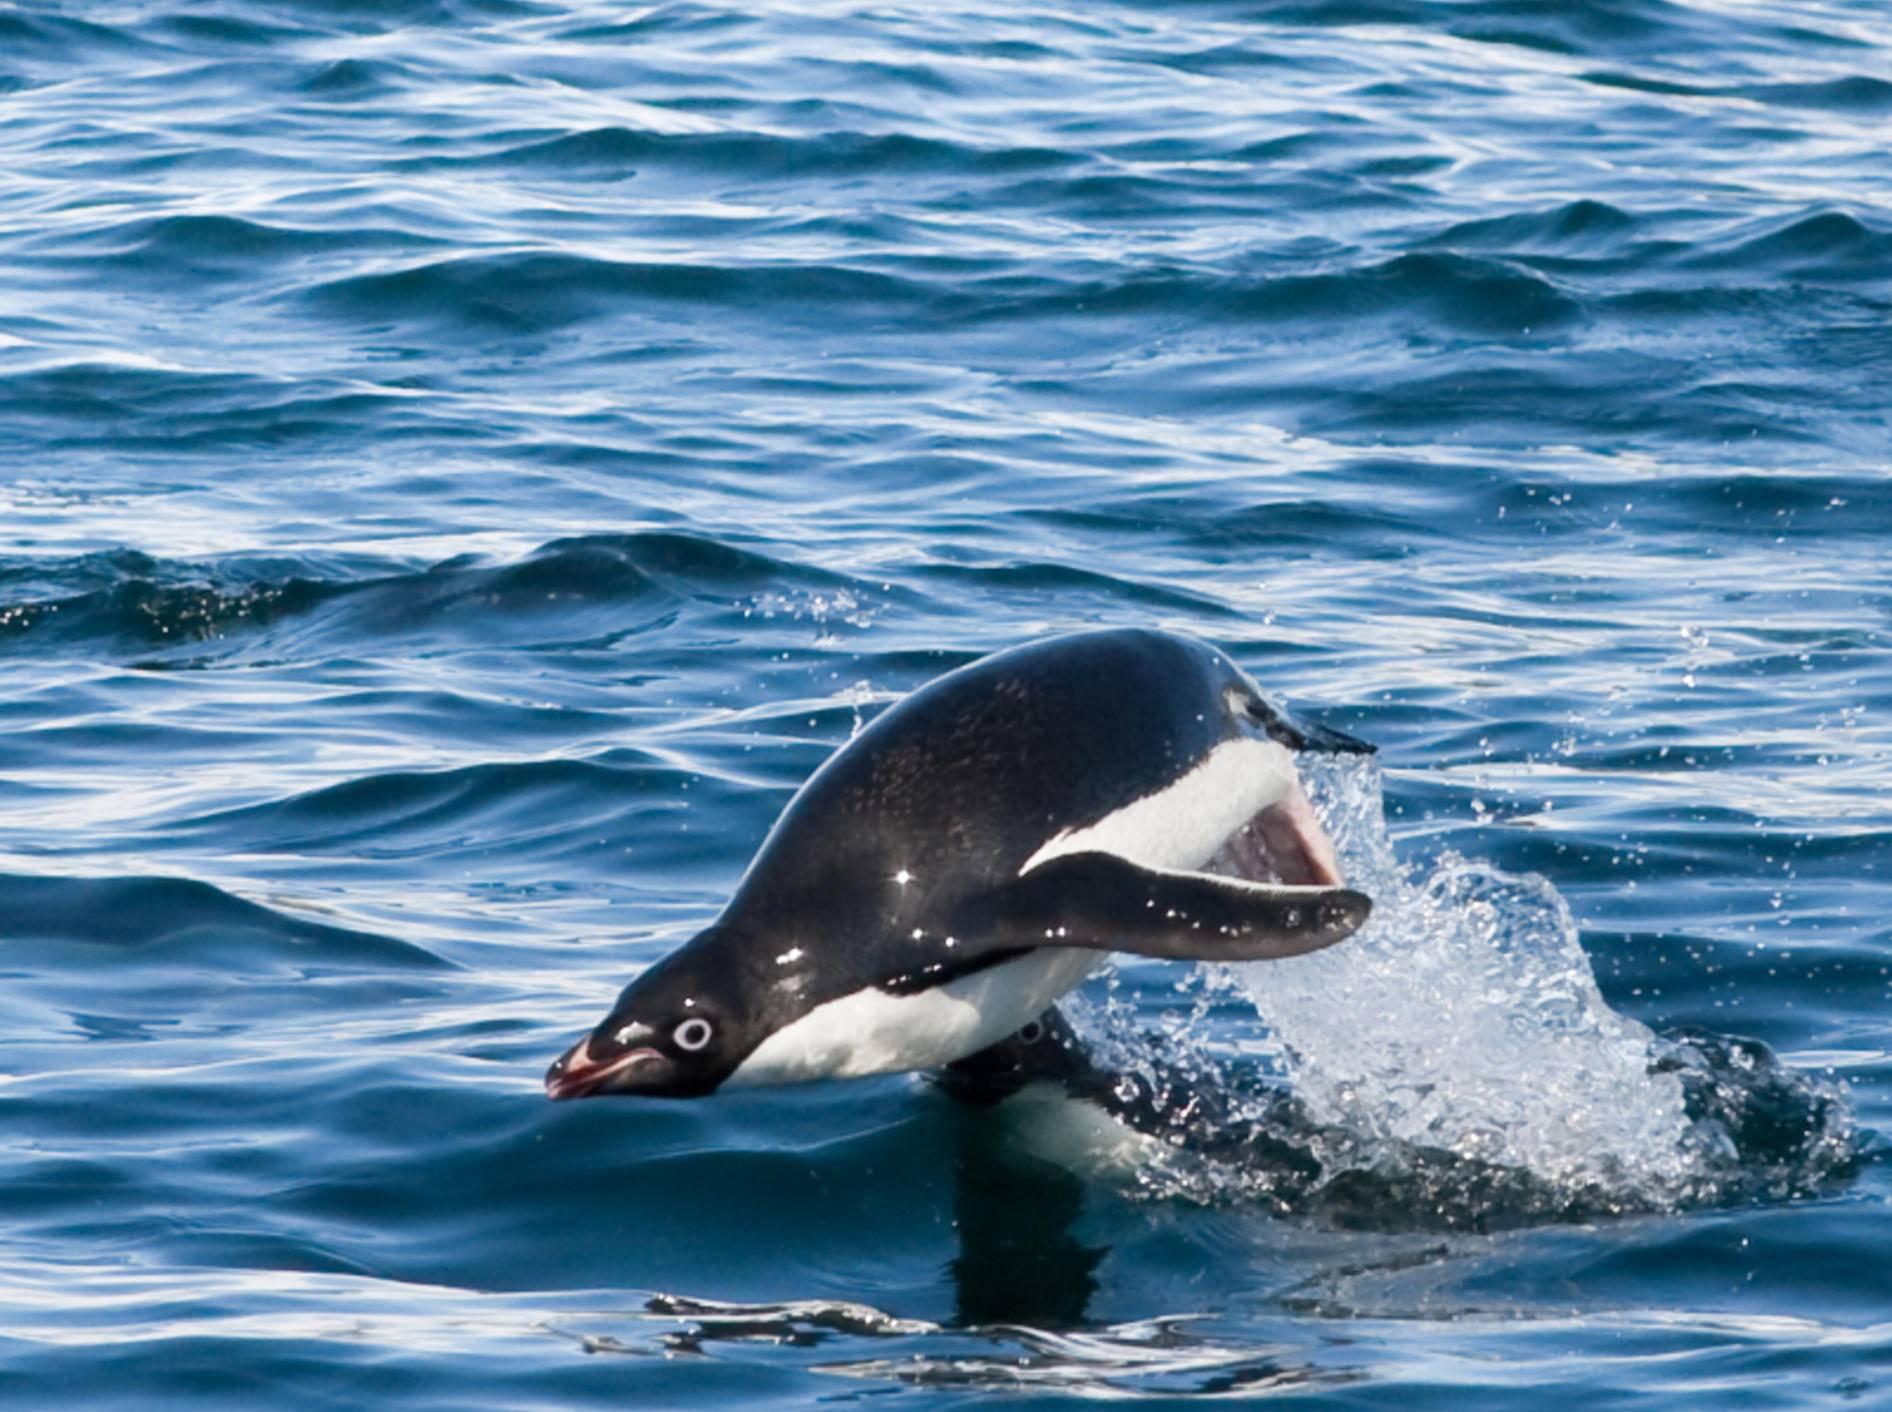 Tauchgang eingeleitet! Adeliepinguin beim Jagen in der Antarktis